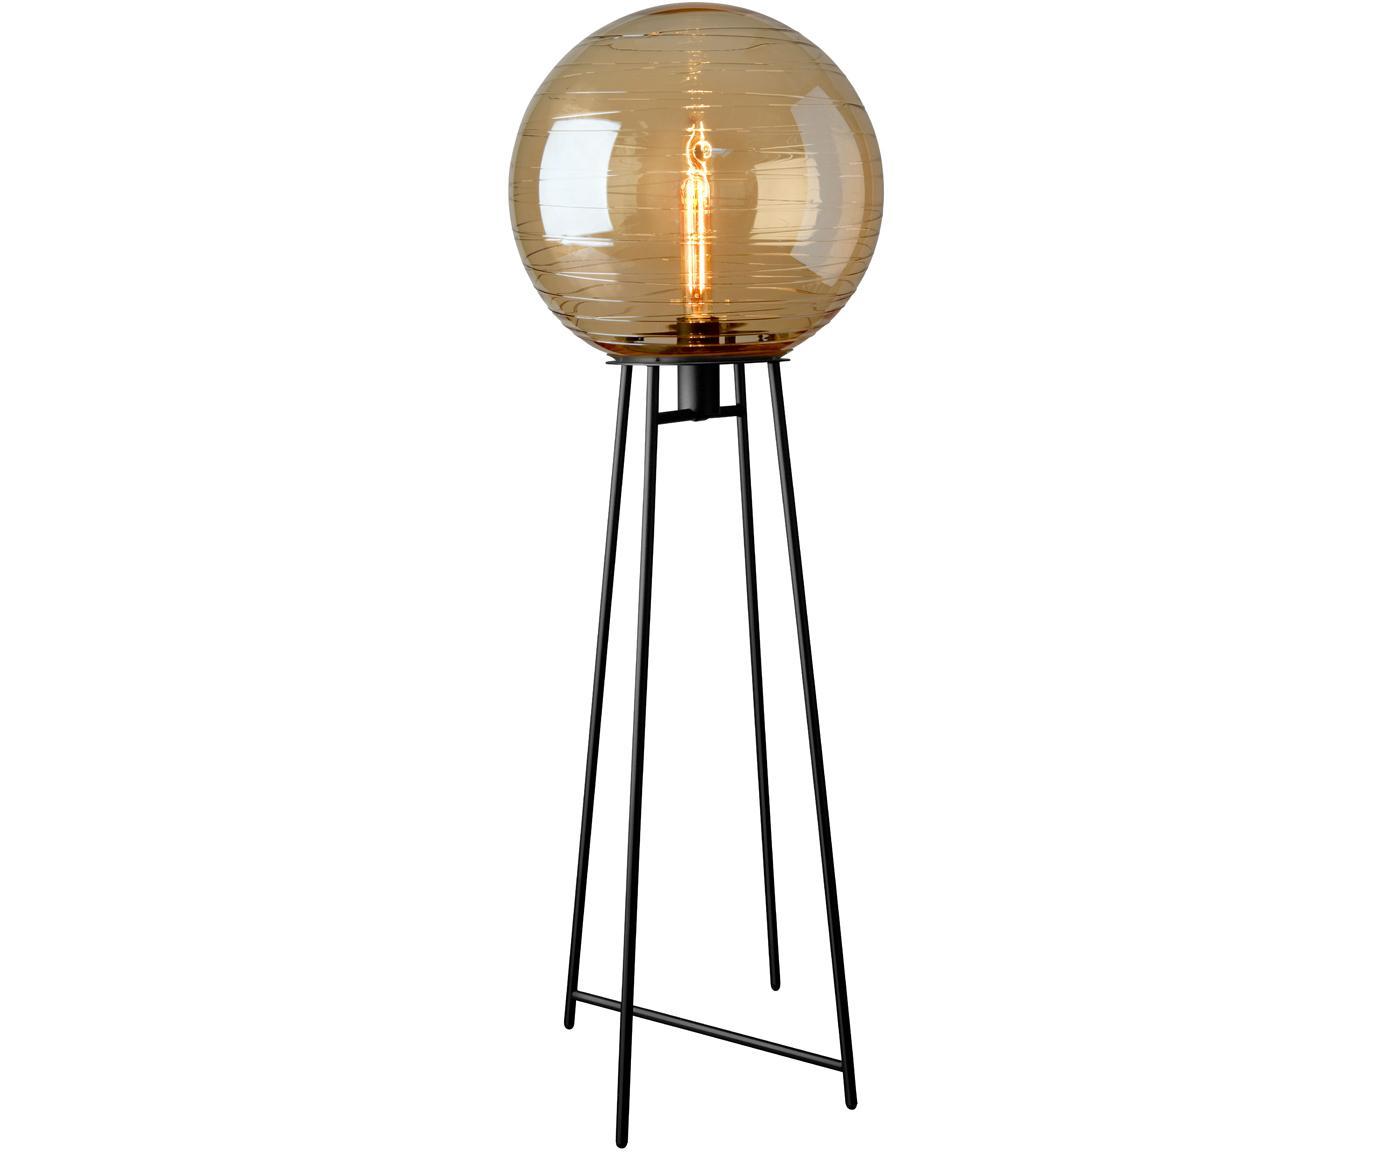 Lampa podłogowa ze szkła Lantaren, Odcienie bursztynowego, czarny, Ø 37 x W 117 cm